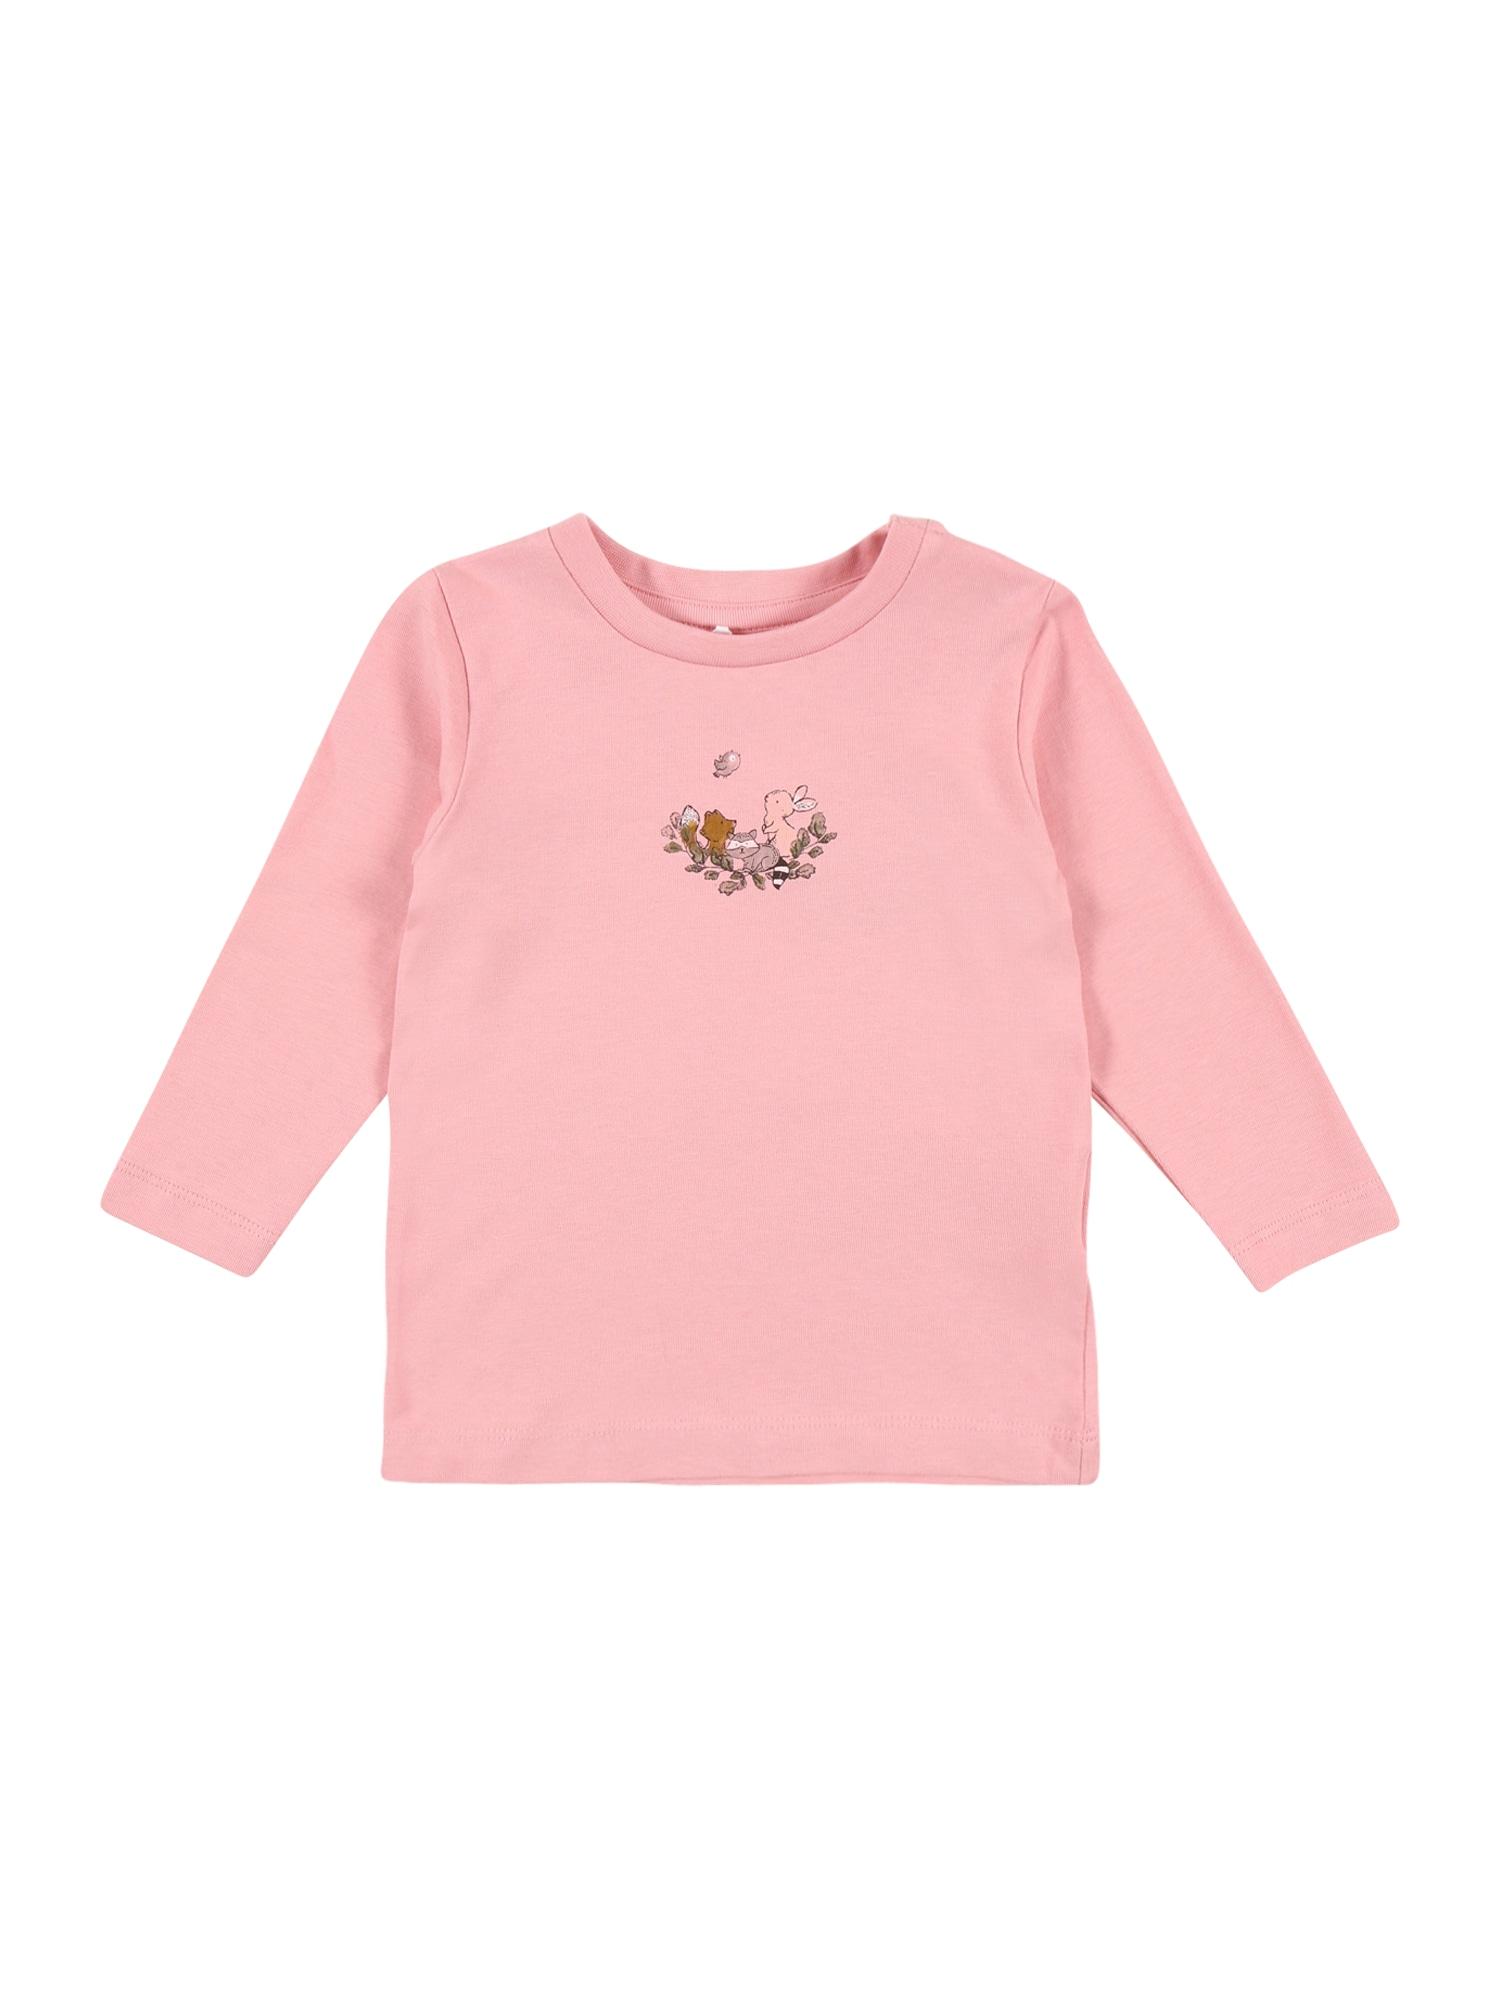 NAME IT Marškinėliai 'SOLAJMA' rožių spalva / mišrios spalvos